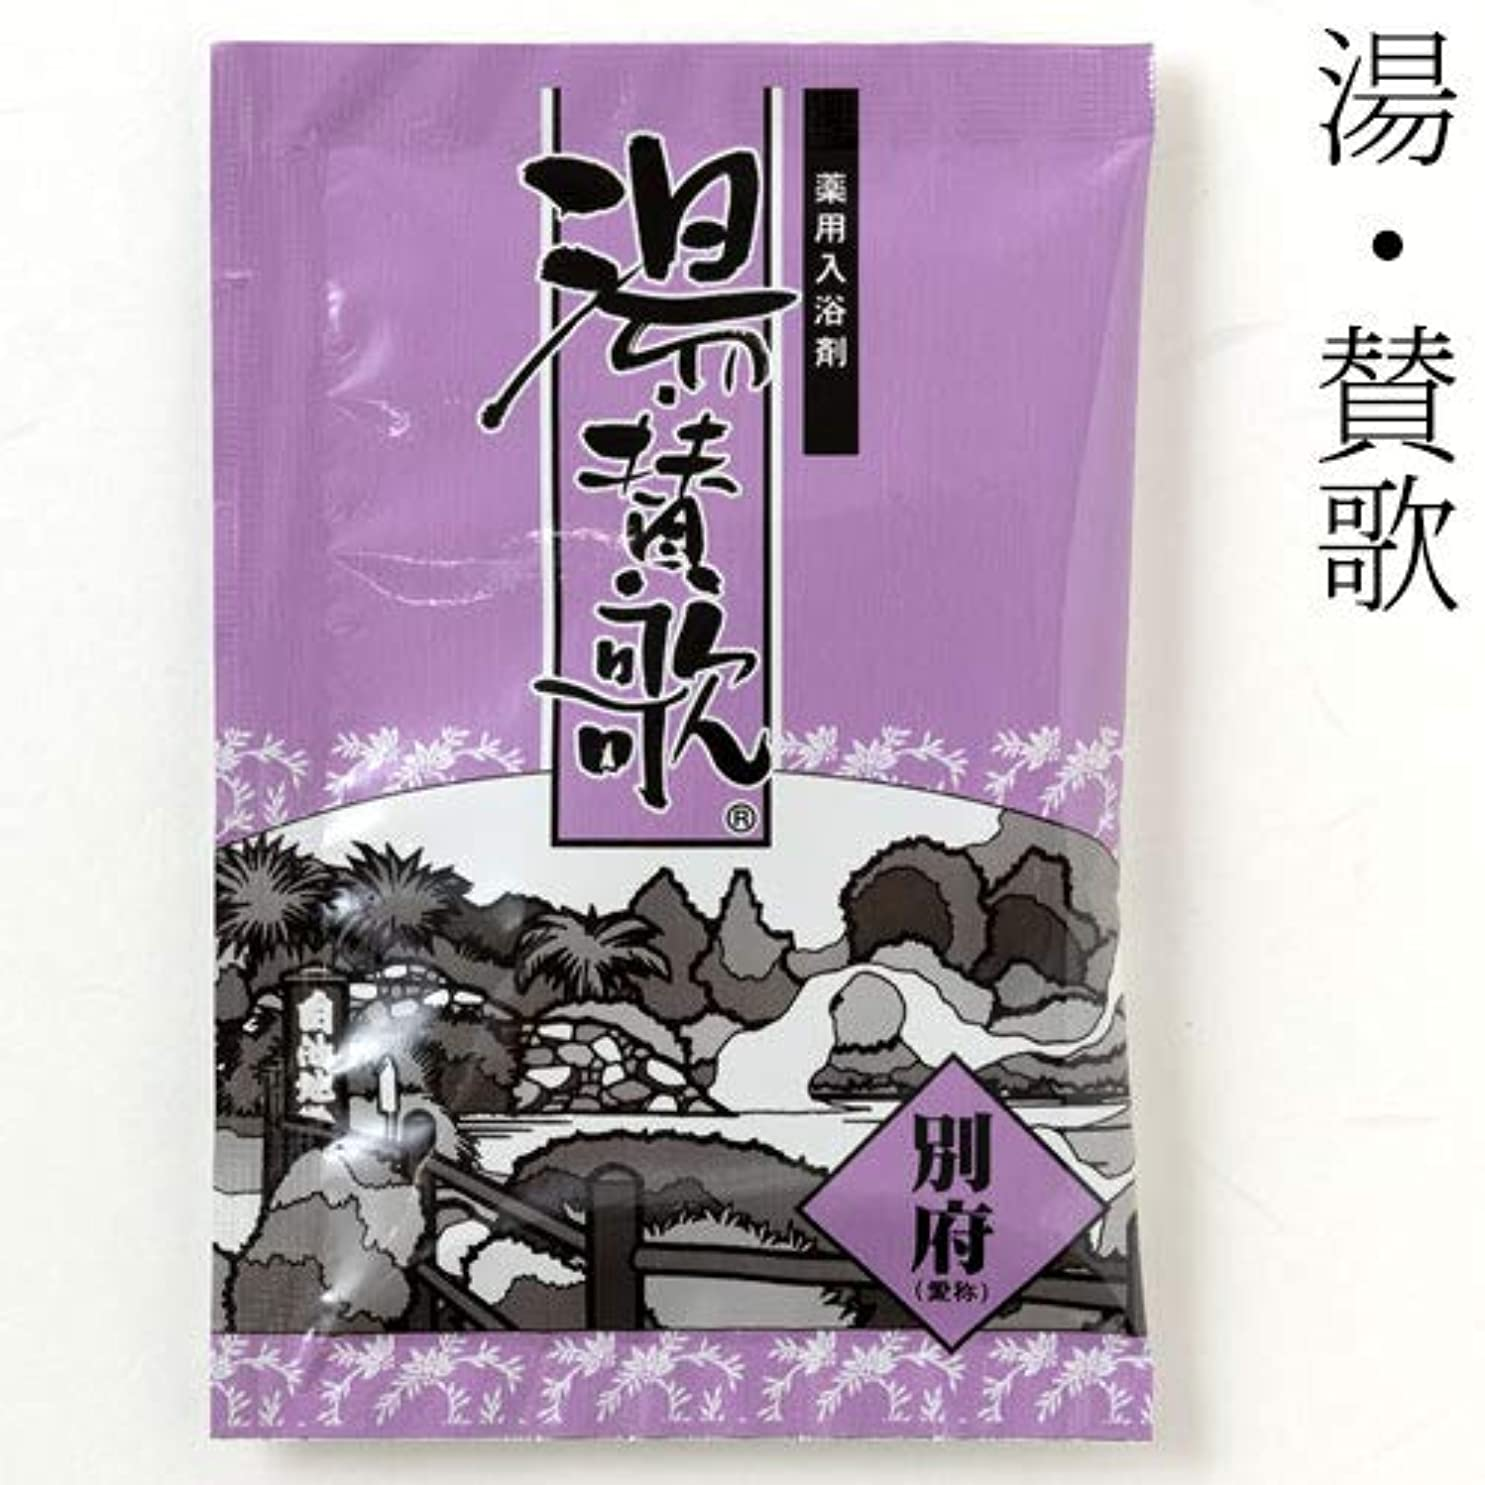 独立して落とし穴能力入浴剤湯?賛歌別府1包石川県のお風呂グッズBath additive, Ishikawa craft